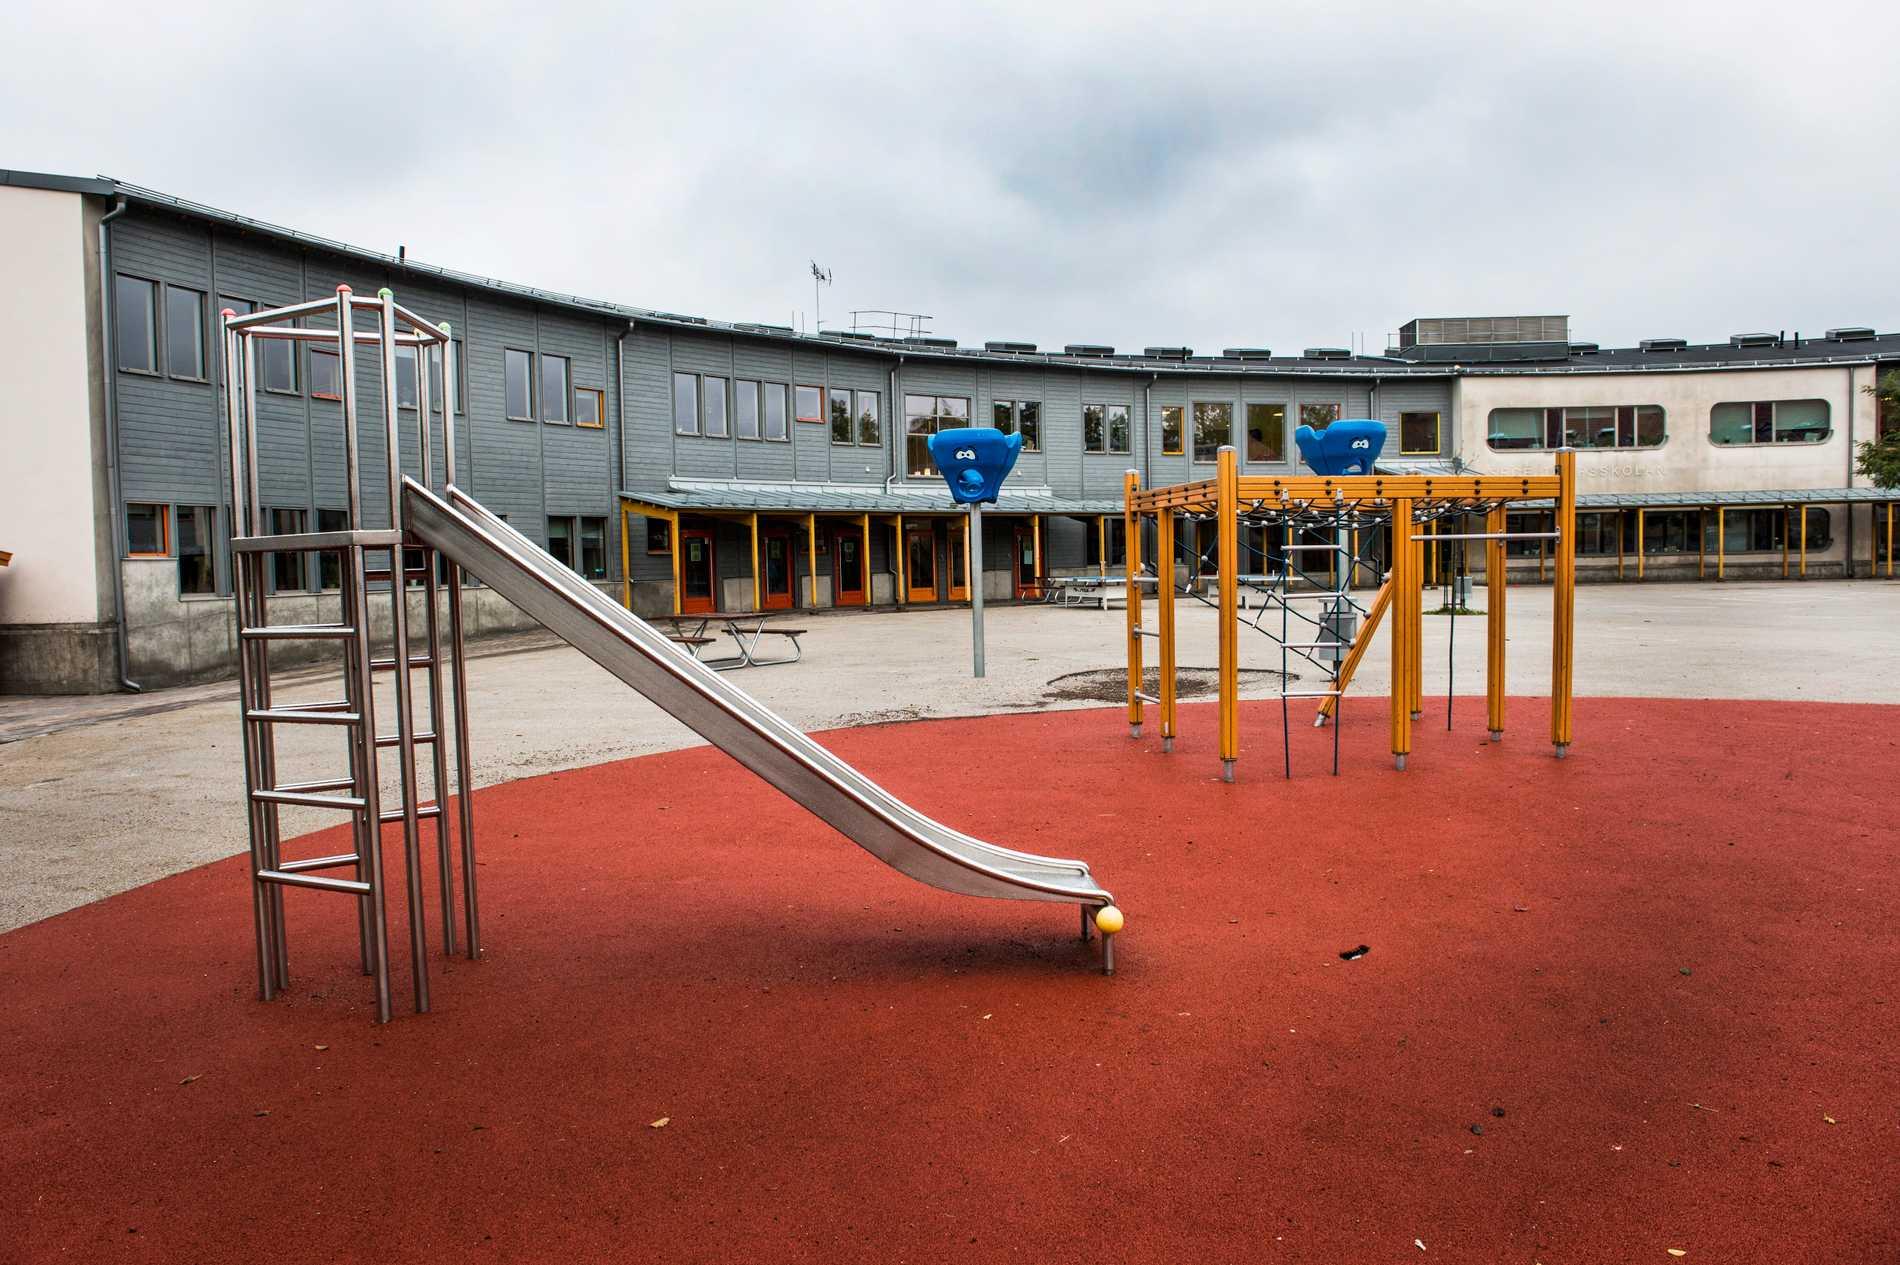 Tillfällig föräldrapenning om skolor stängs